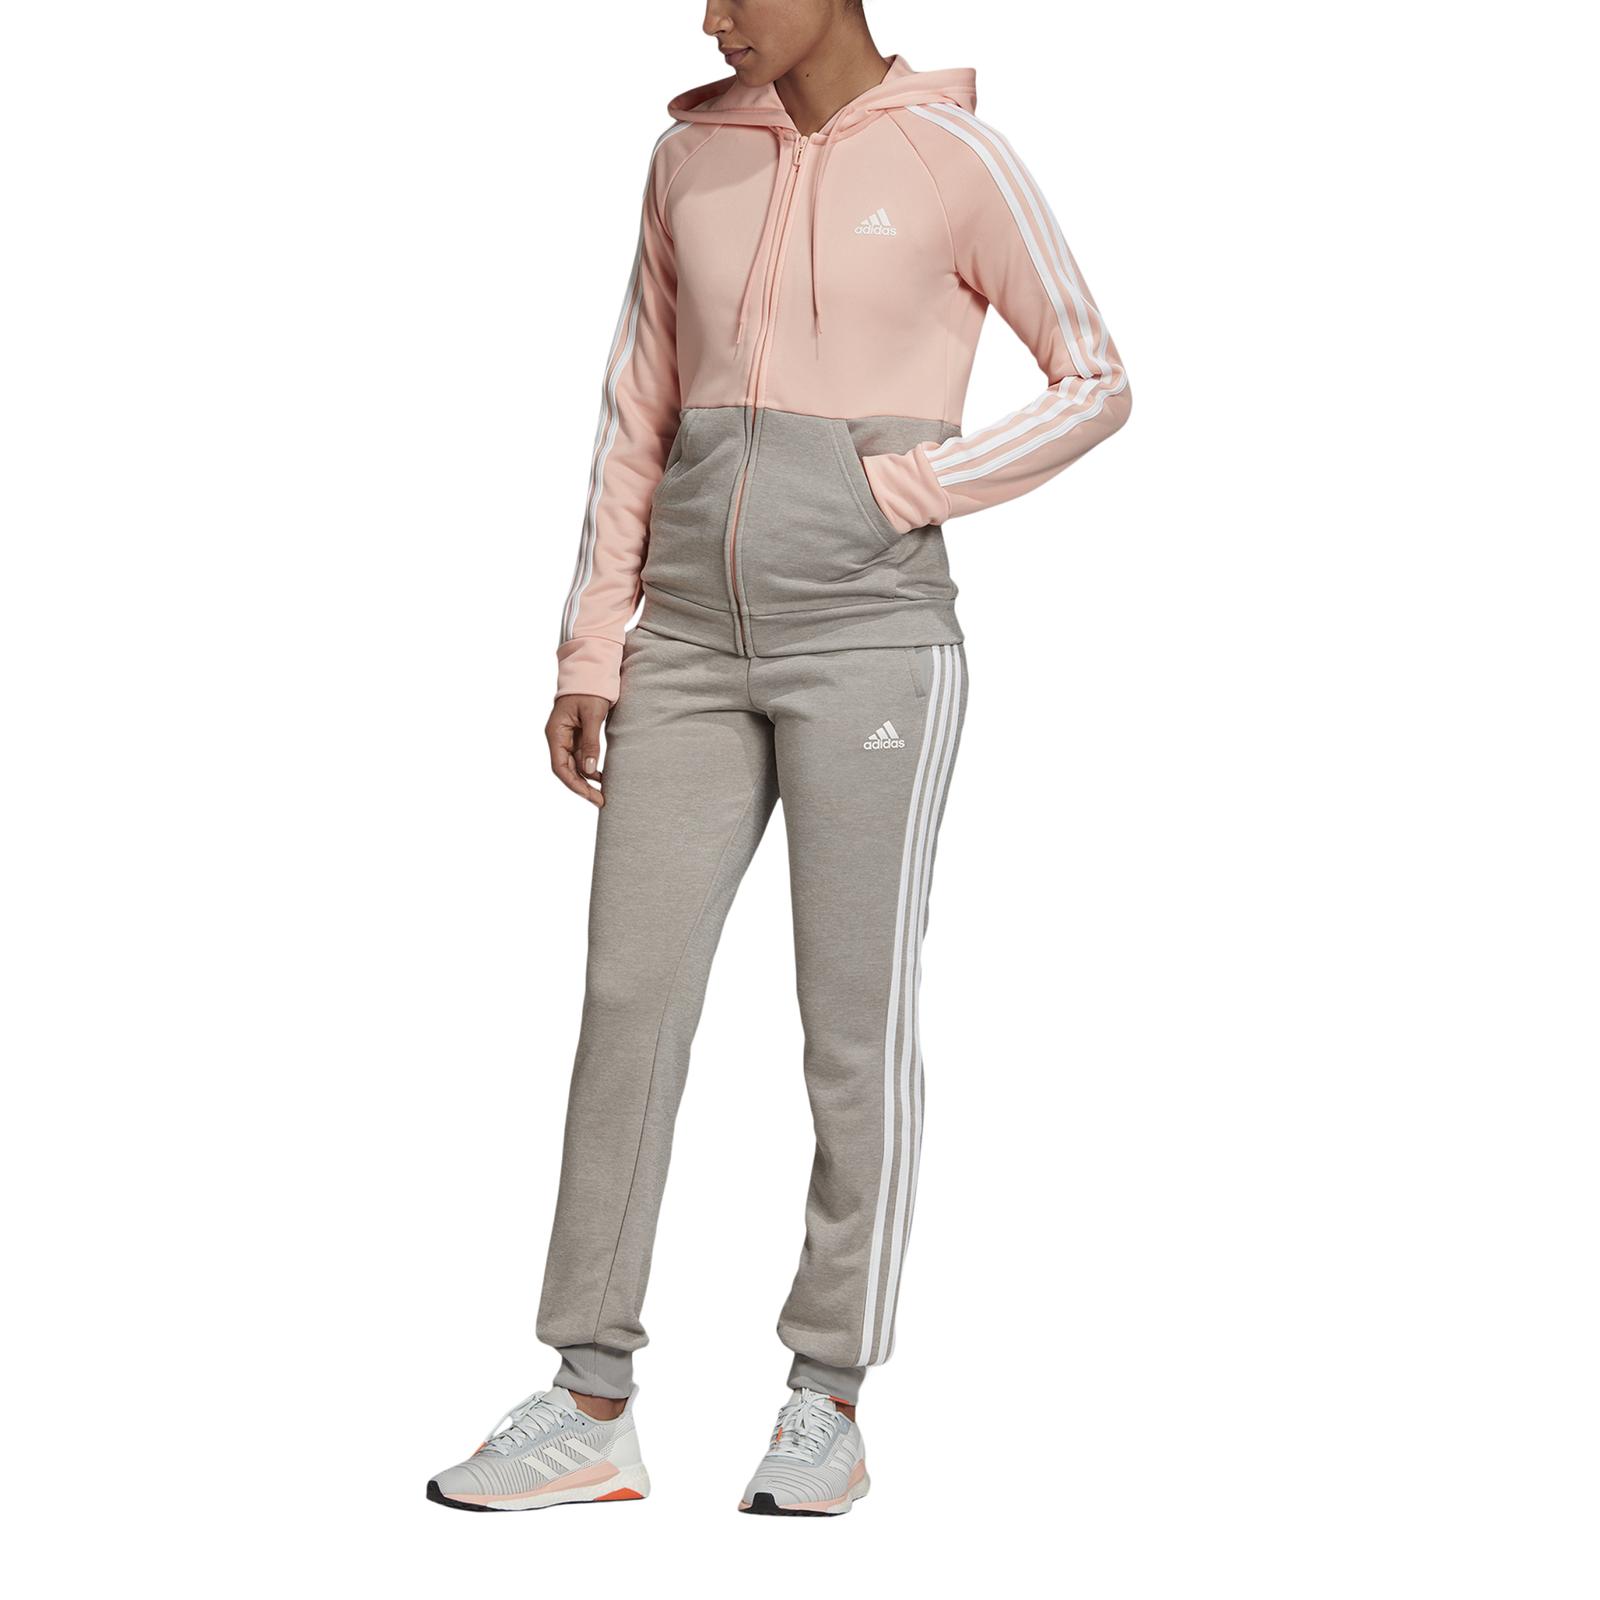 Détails sur Adidas Perfomance Femme Fitness Survêtement Femme Survêtement Game Temps Rose